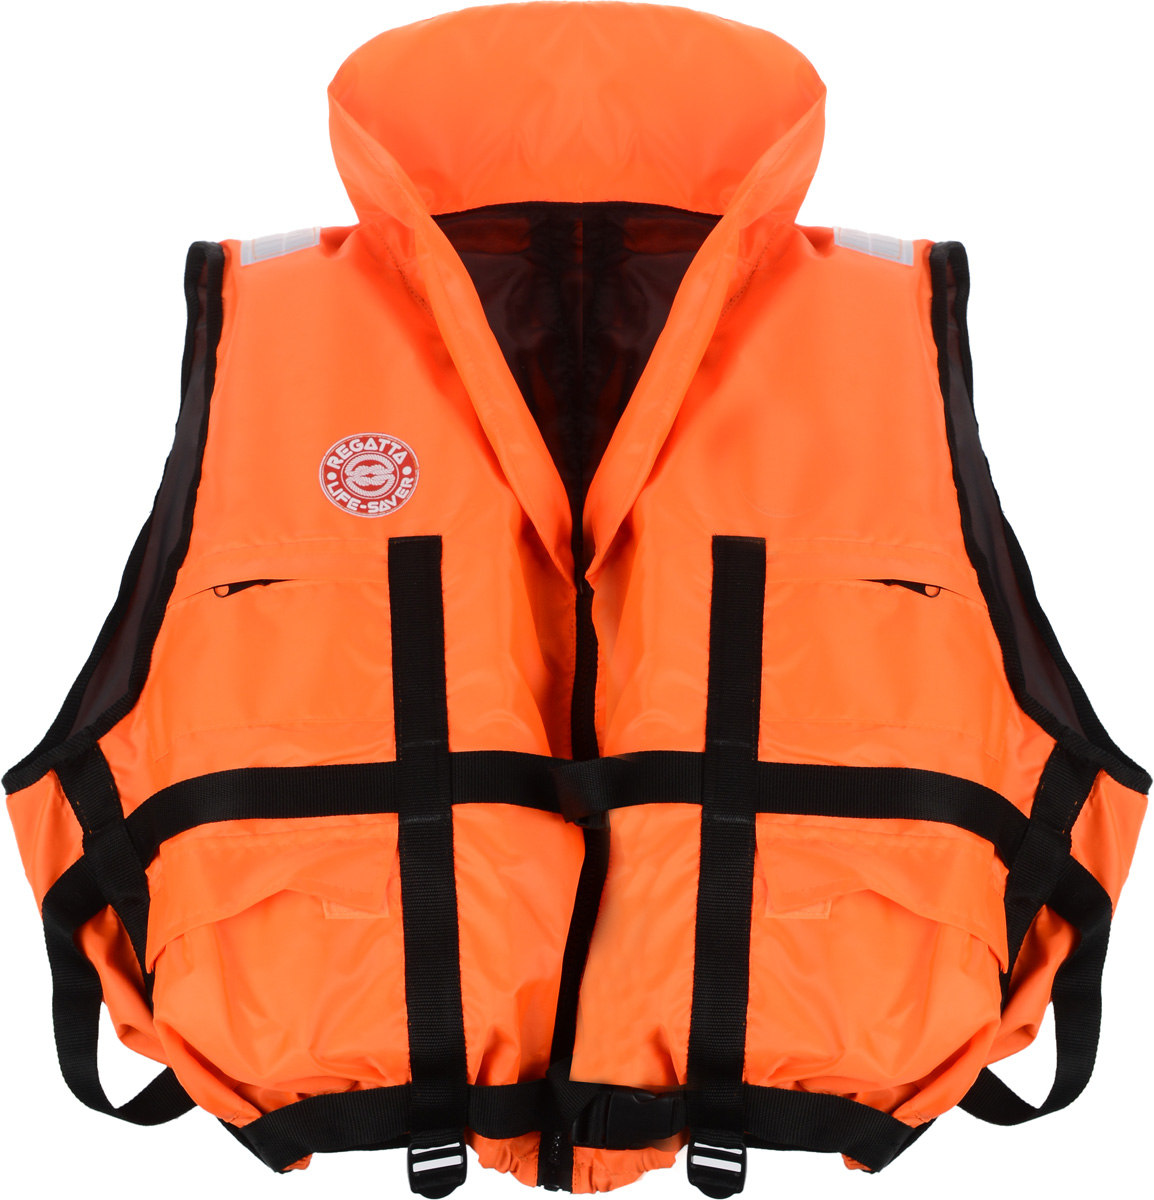 Жилет спасательный Плавсервис Regatta, цвет: оранжевый. Размер 66-72, вес до 140 кг57556Жилет Плавсервис Regatta - серьезно заявляет свои намерения на спасениечеловеческой жизни наводах. Более функциональный и эргономичный жилет за счет измененияконструкции спинки ипроймы, которая позволила обеспечить наиболее полное облегание телавладельца и усилиланадежность правильной фиксации этого жилета при попадании человека в воду.В воде спомощью элементов плавучести этот жилет перевернет владельца в положениелицом вверх иудержит под углом к горизонту так, чтобы обеспечить безопасное положениеголовы над водой. Вкомплект жилета входят регулировочные ремни, светоотражающие полосы,карманы, молния,свисток, подголовник с воротником. На груди предусмотрено два кармана намолнии, а также имеются два удобных объемных боковых кармана с клапаномна липучке. Высокийподголовник хорошо держит голову владельца на плаву и в тоже времяобладает достаточной гибкостью для складывания жилета притранспортировке. Лямка выполнена из ременной ленты плотностью от 16 г/м2 иявляетсястягивающим элементом. В зависимости от размера спасательного жилета еедлина изменяется. Вес: до 140 кг. Размер: 66-72 см.